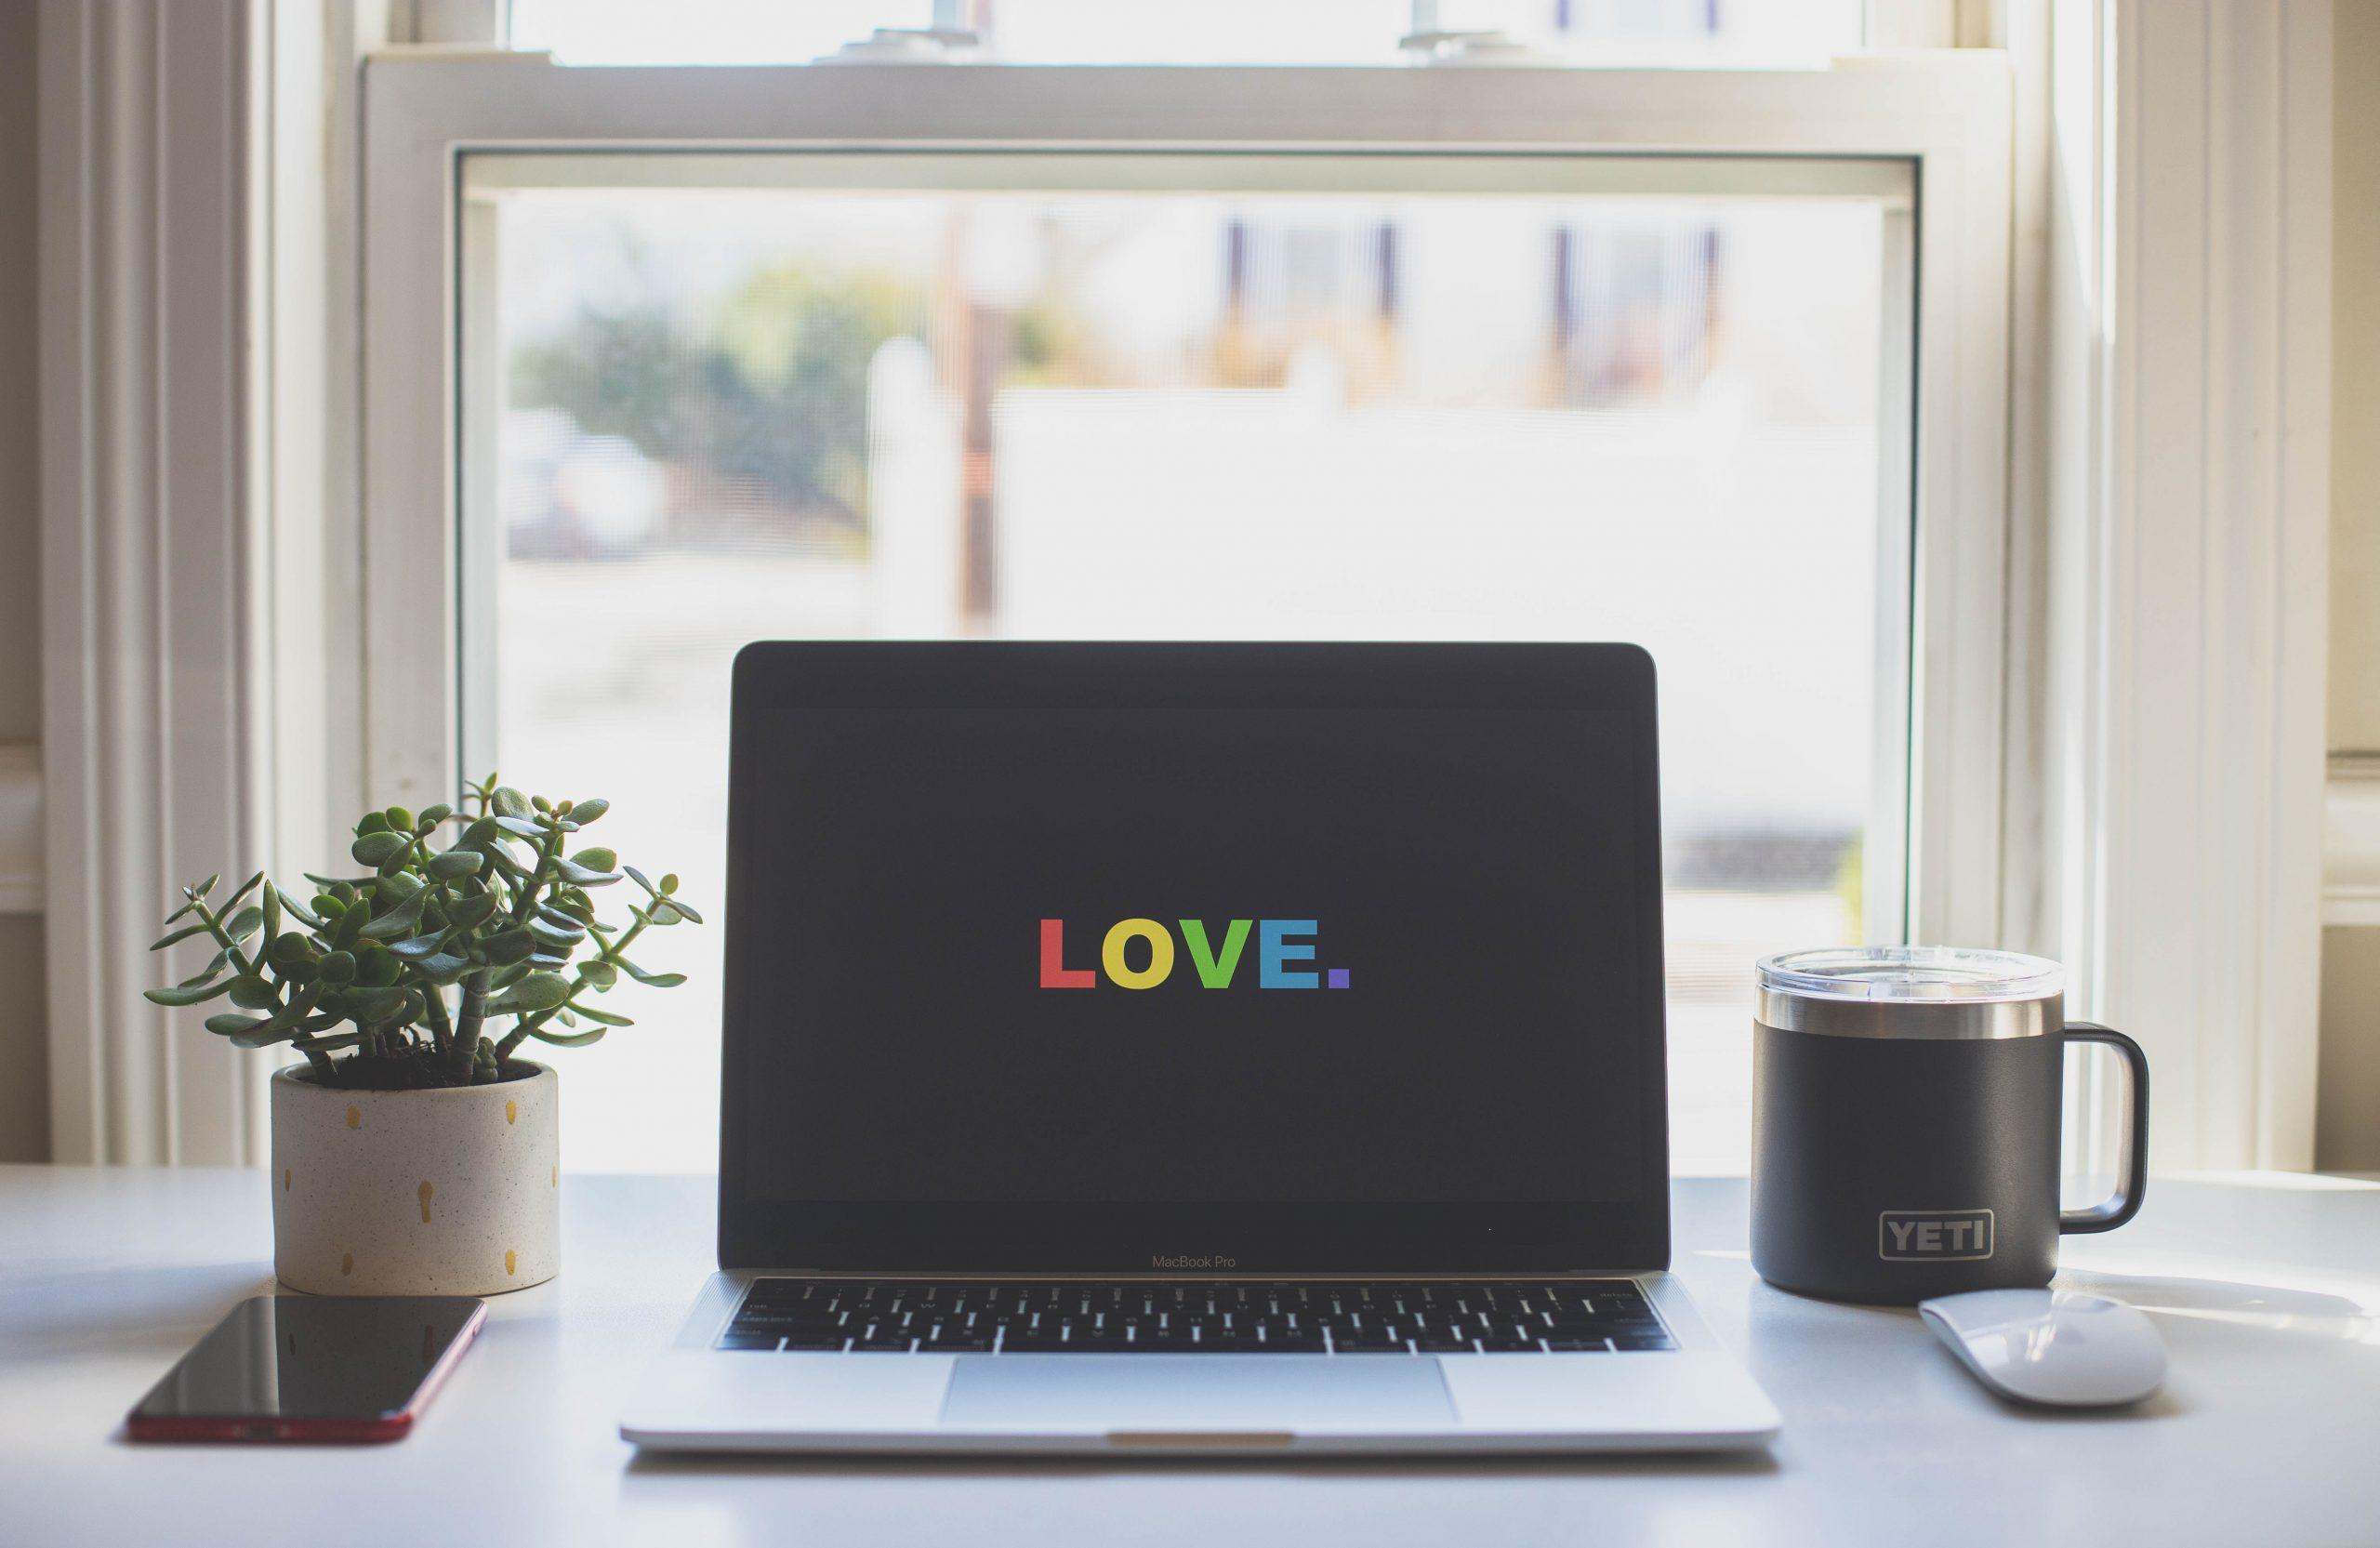 Covid-19: Namorar online sofreu alterações com a pandemia